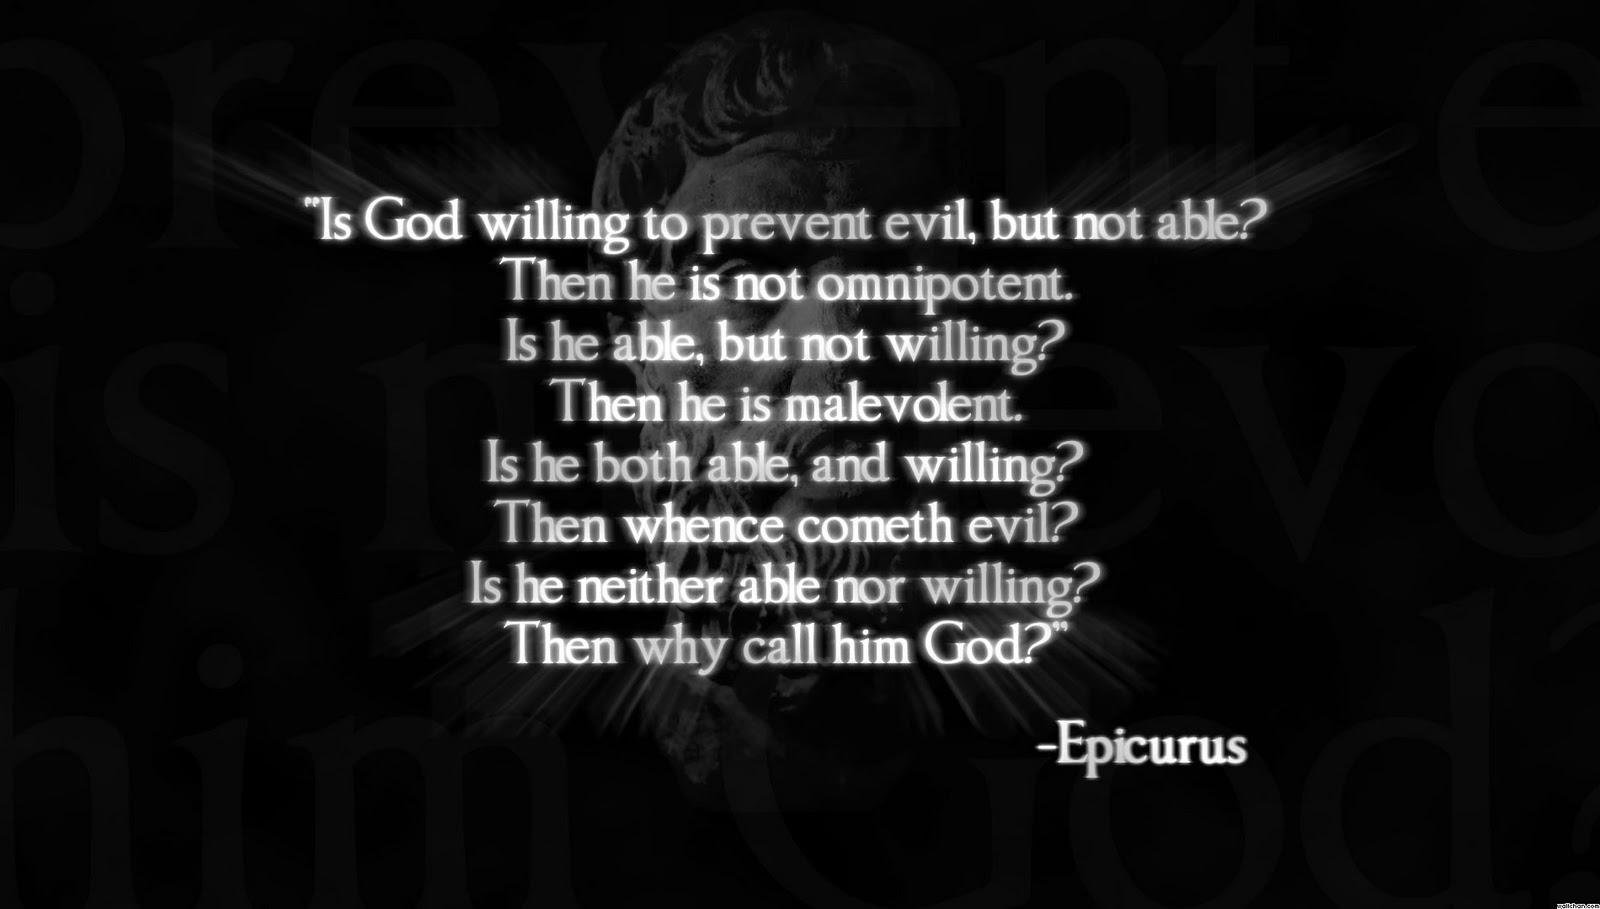 Aristotle and Epicurus